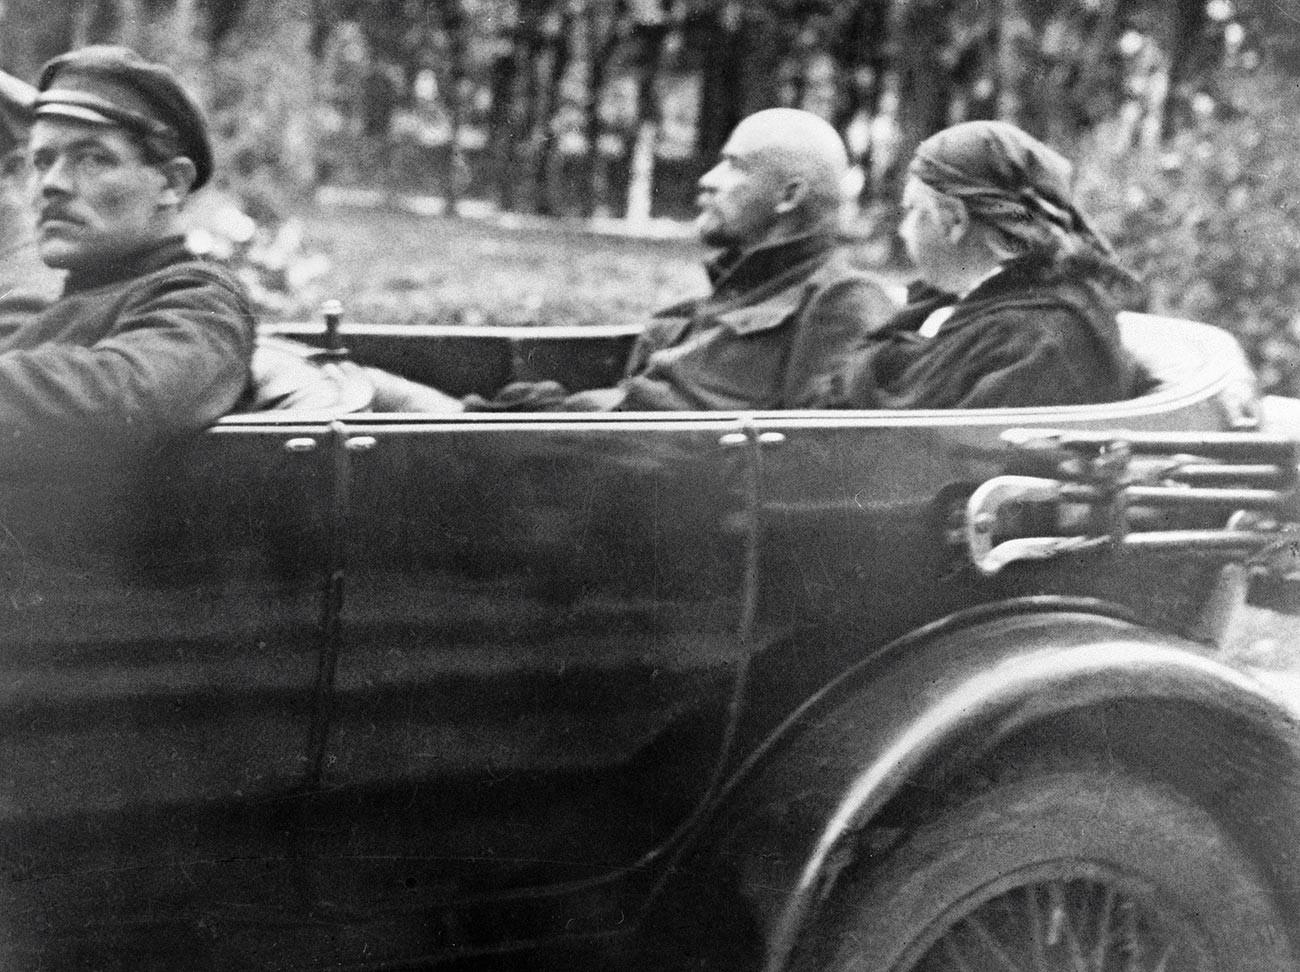 ウラジーミル・レーニンとナデジダ・クルプスカヤが車に乗っている